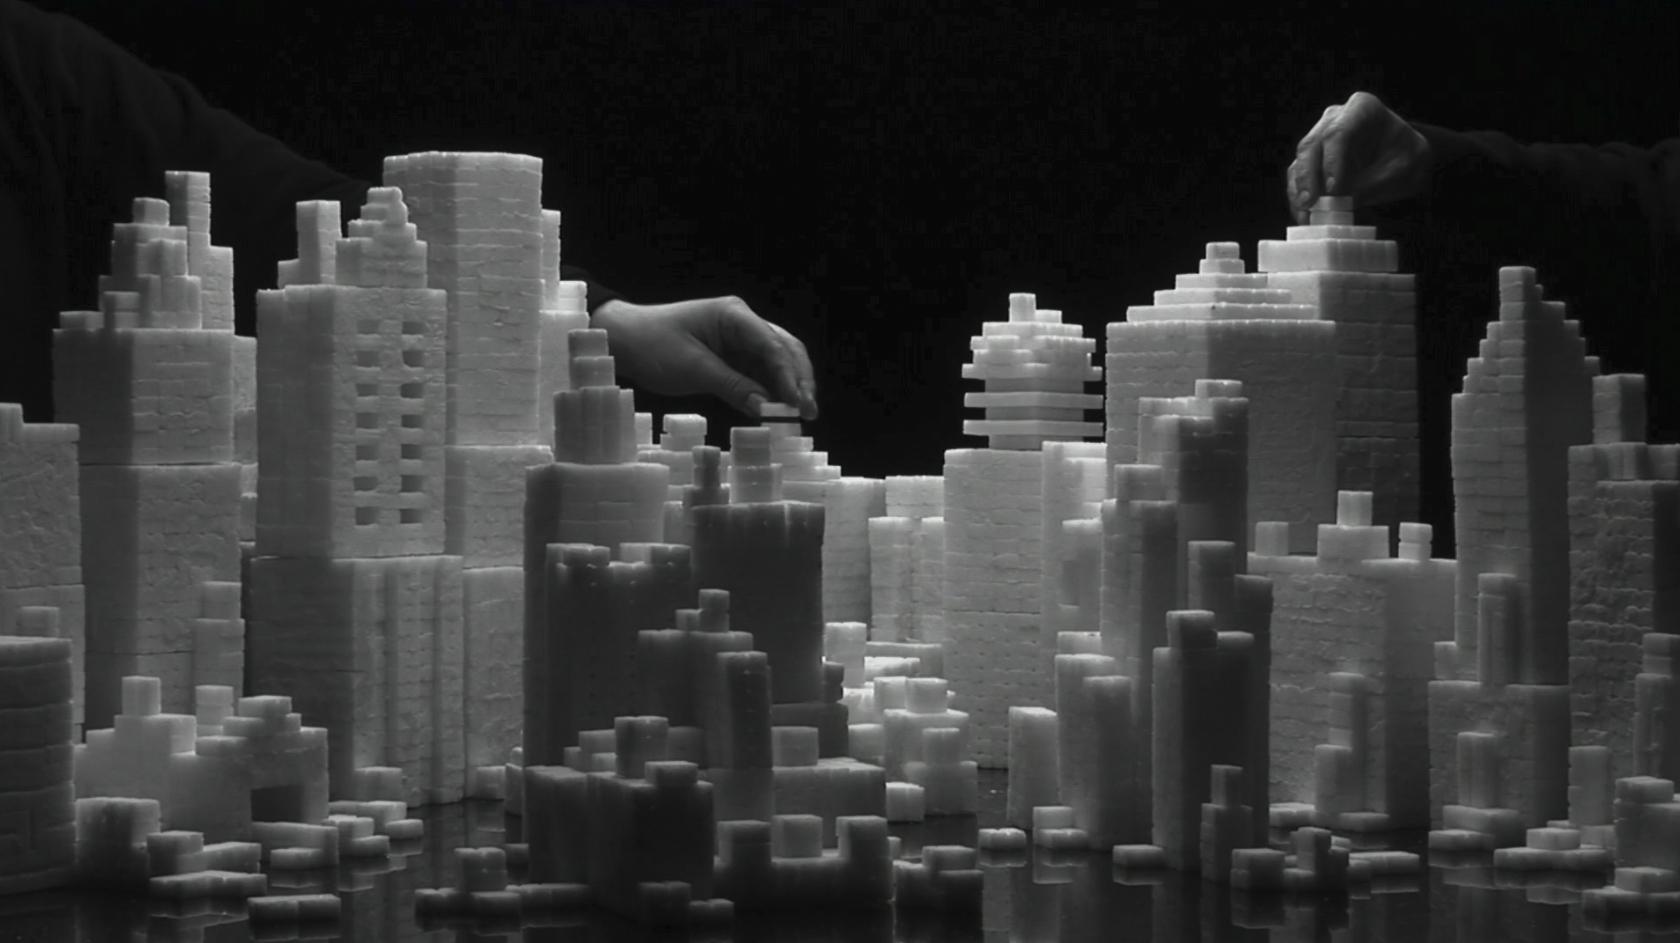 Staging-Silence-II-Video-Still-1 op de beek